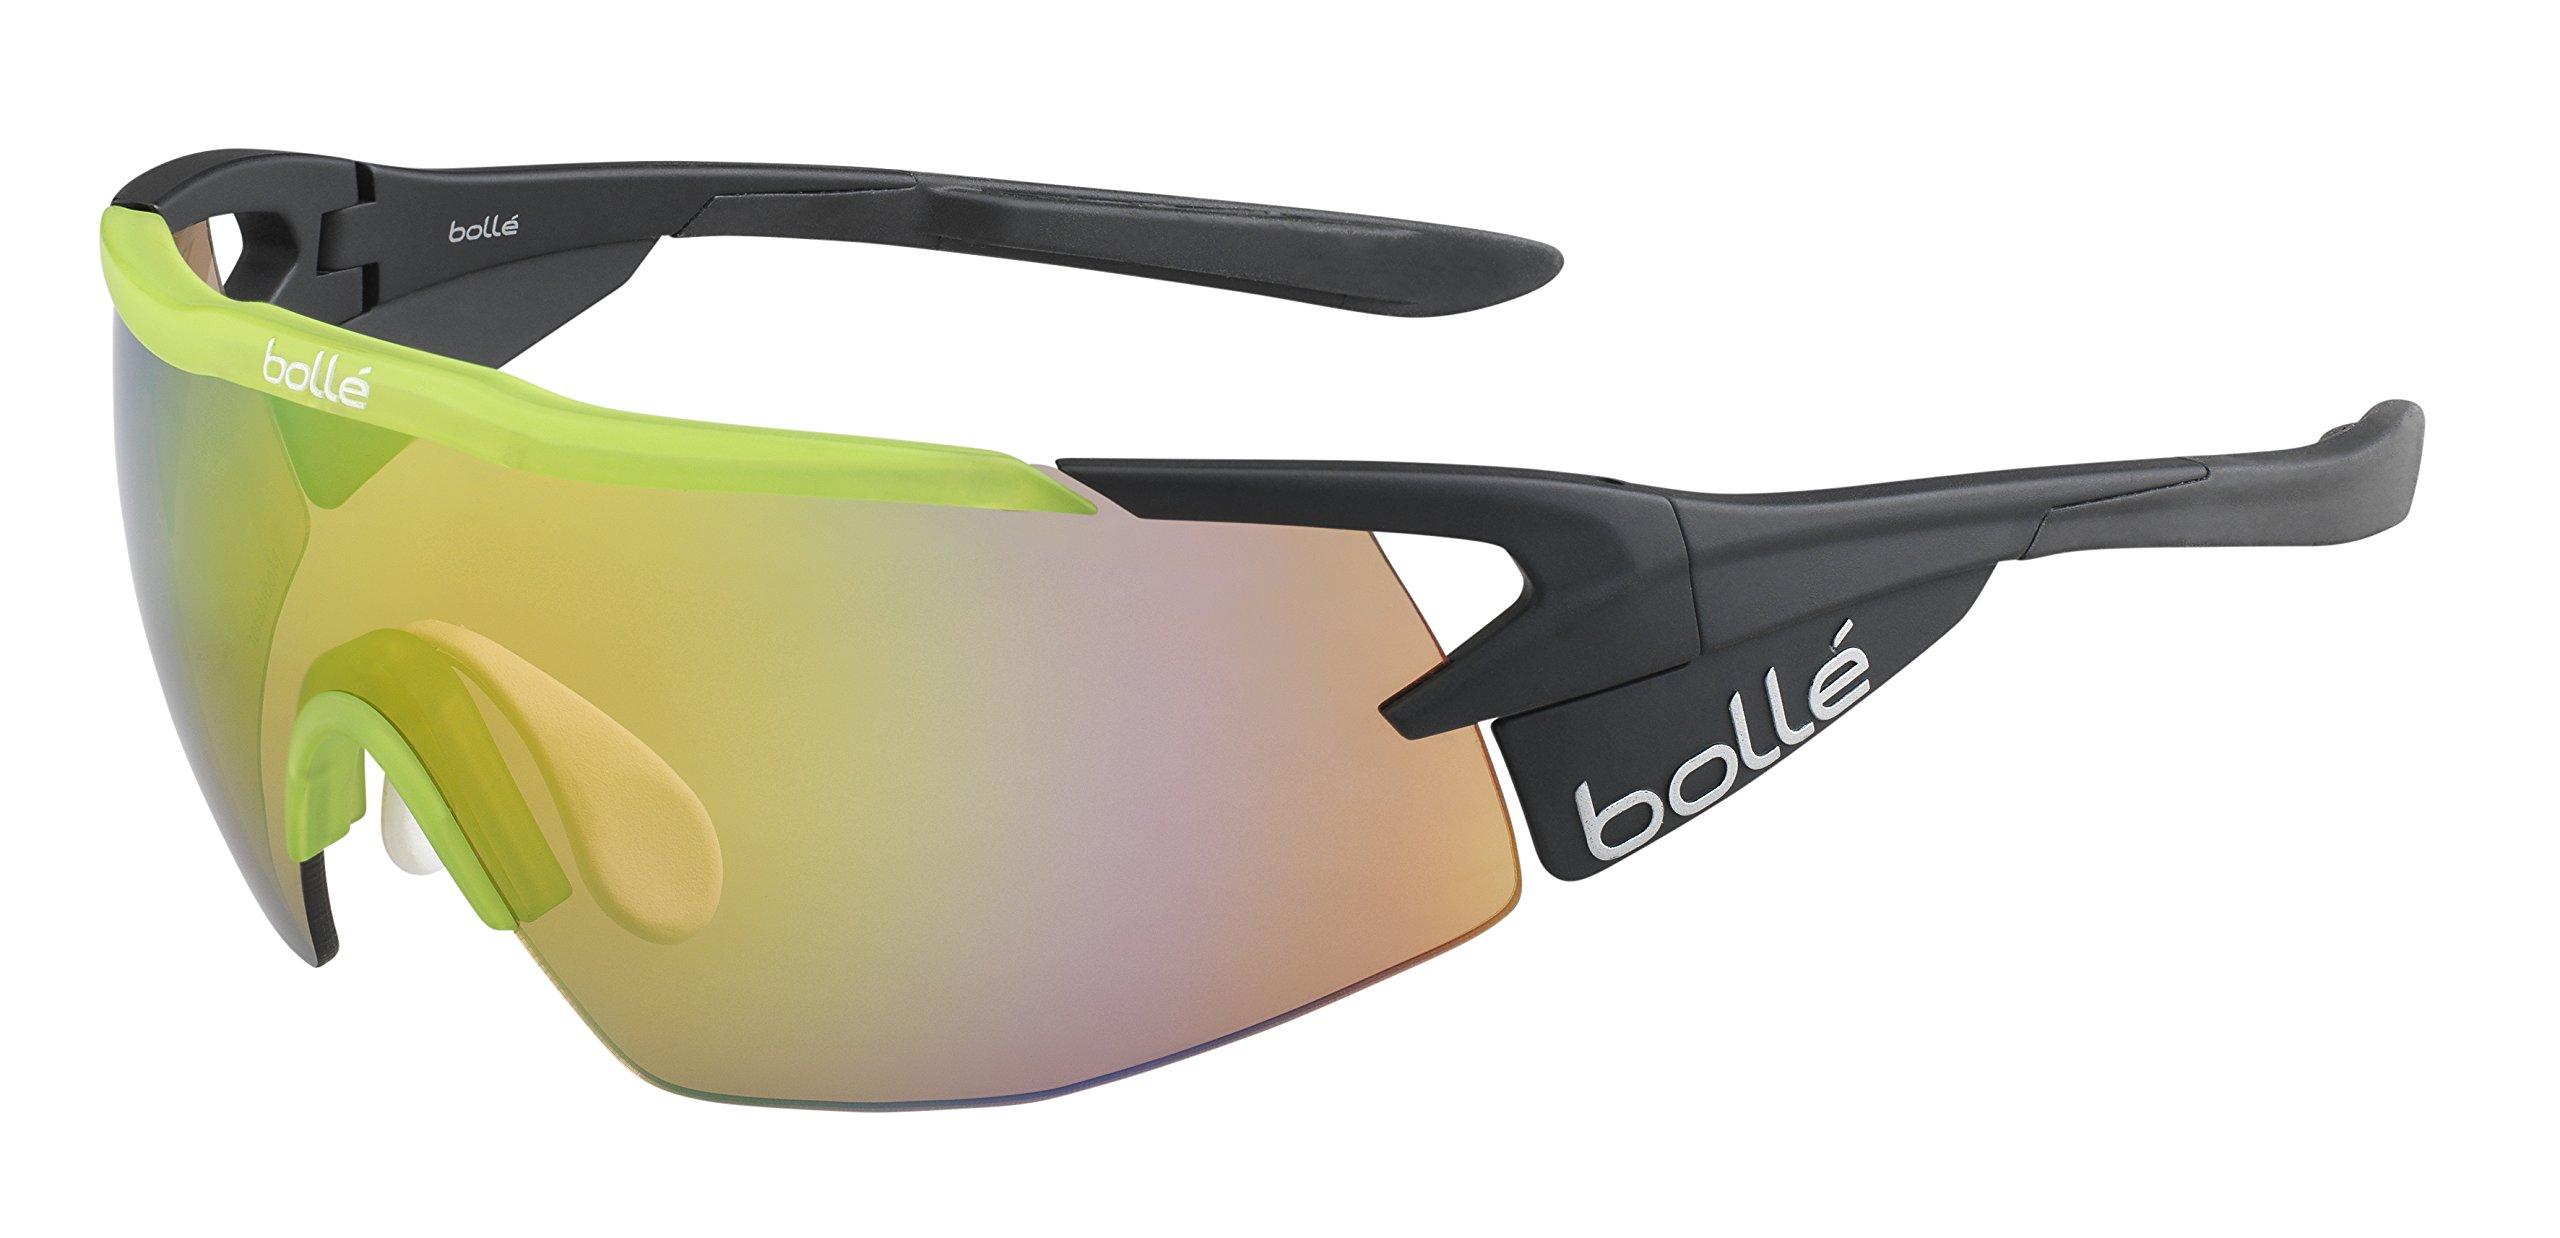 Bolle Aeromax Sunglasses Matte Black/Translucent Green, Multi